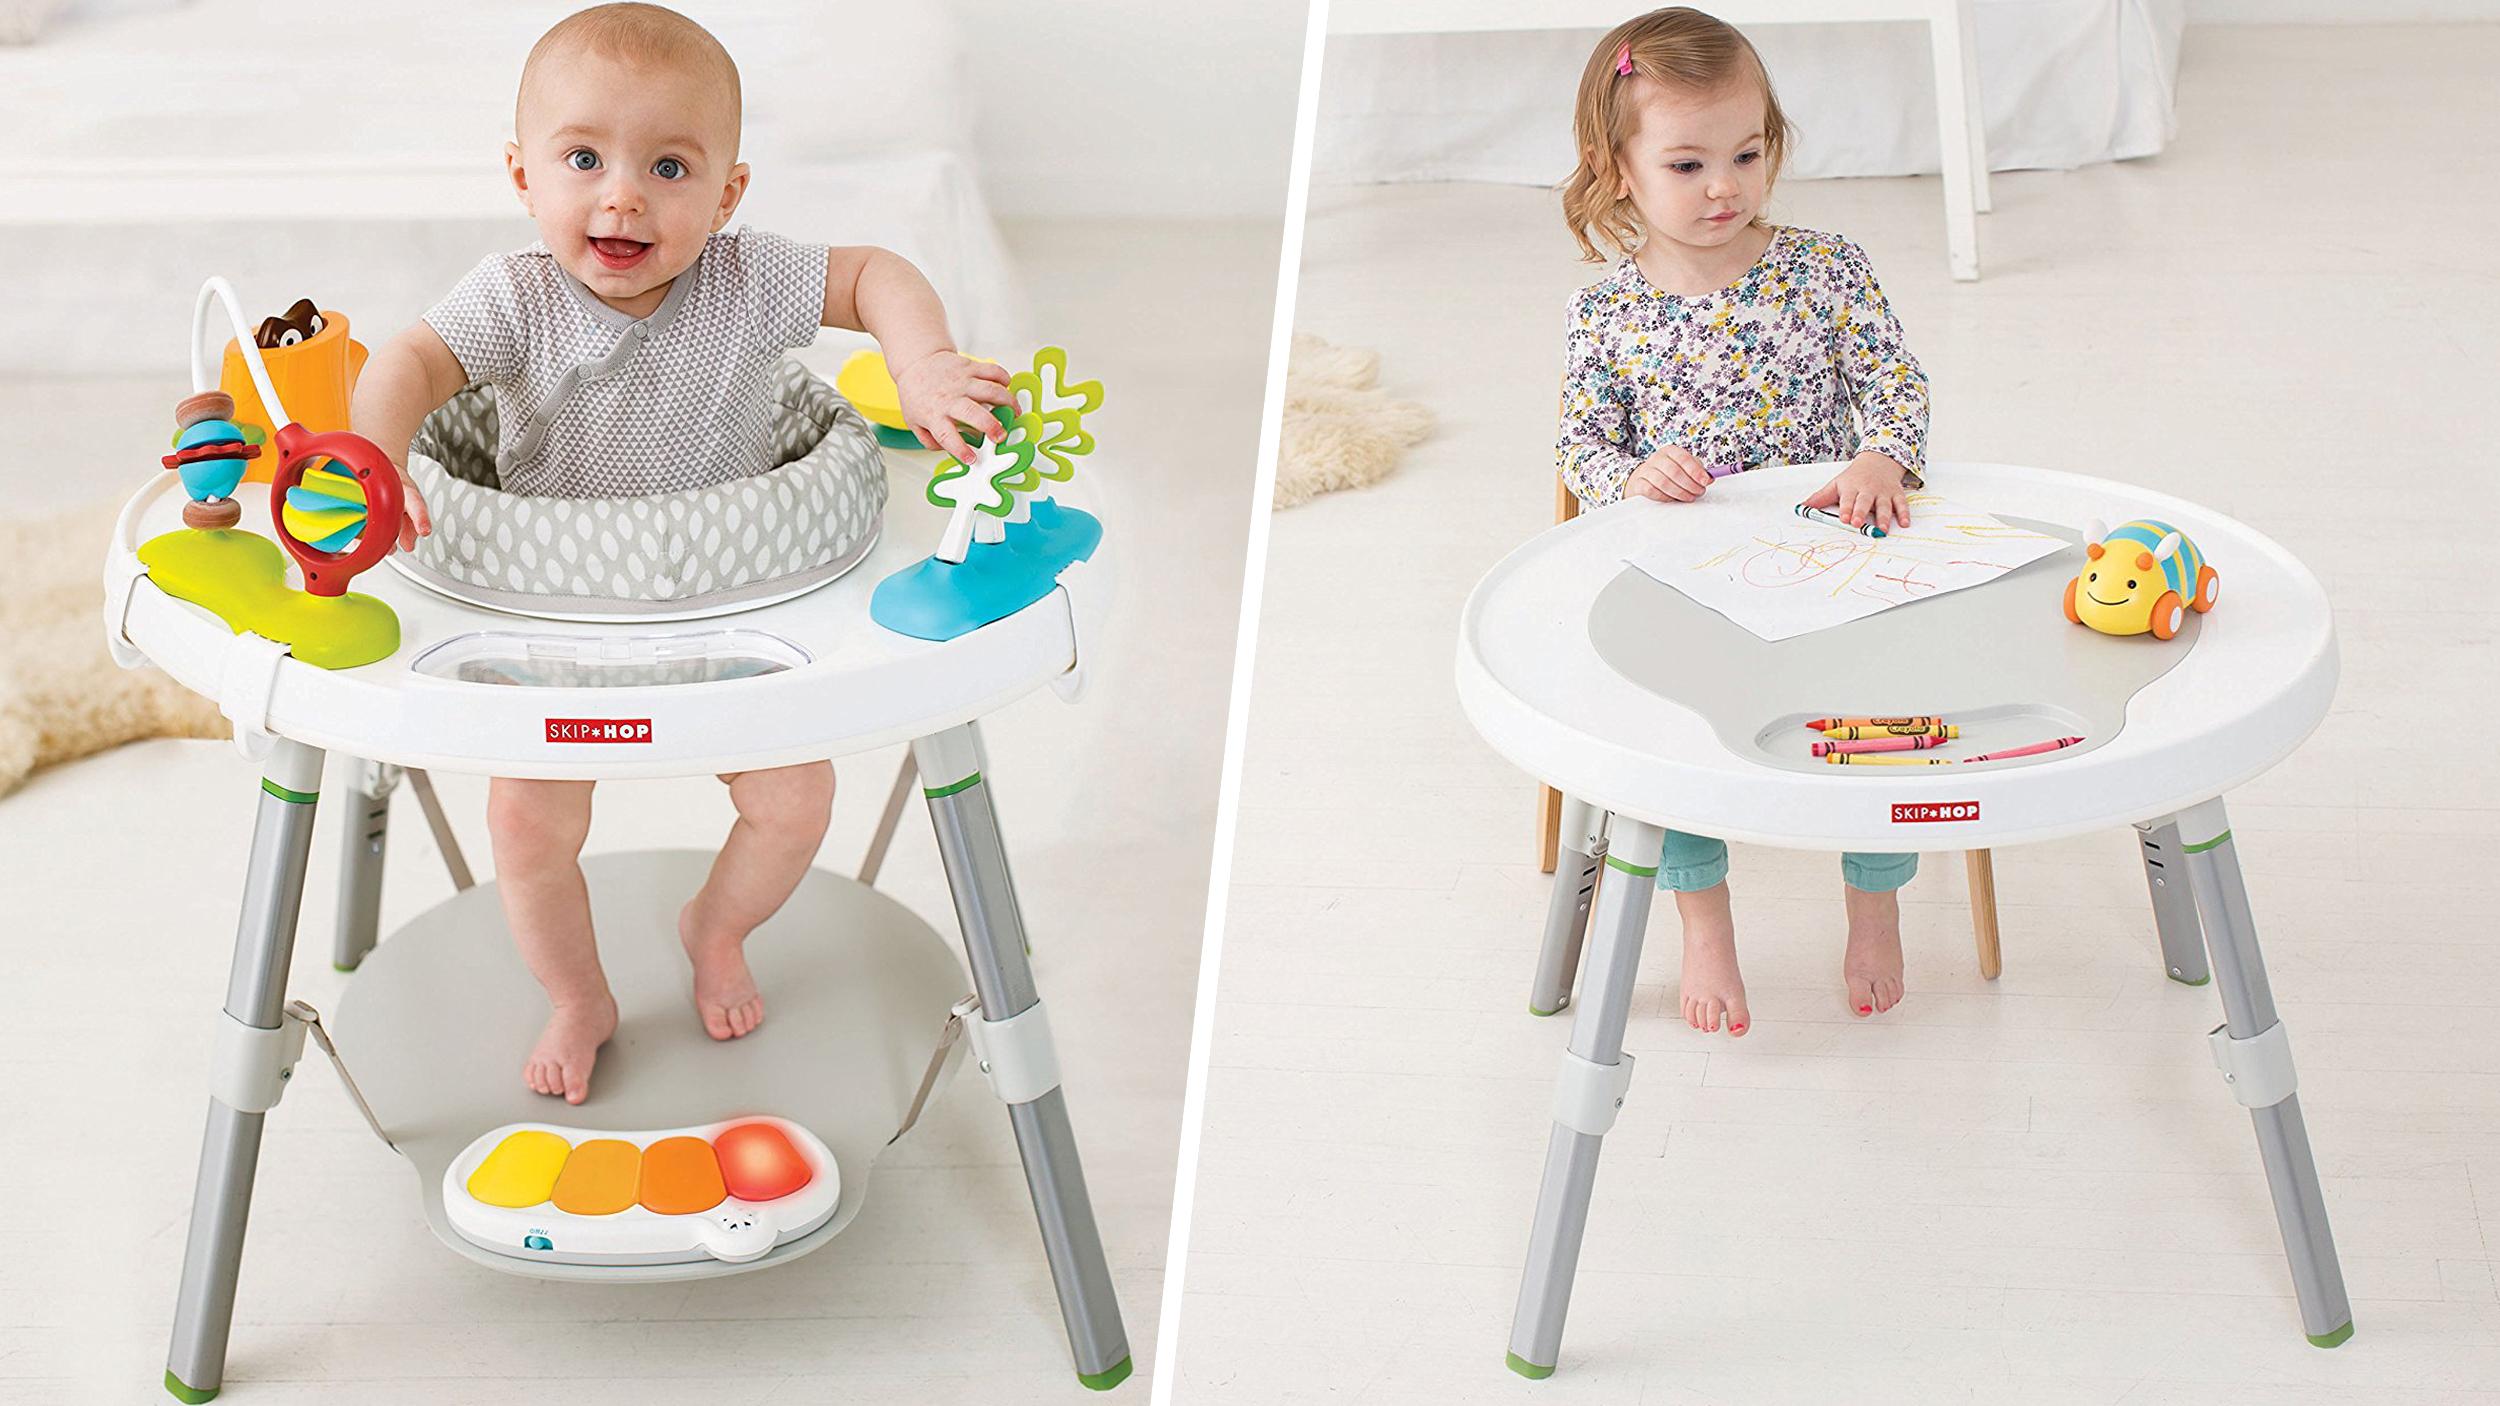 24d1d51d7e02 Skip Hop Explore and More Baby Activity Center Review